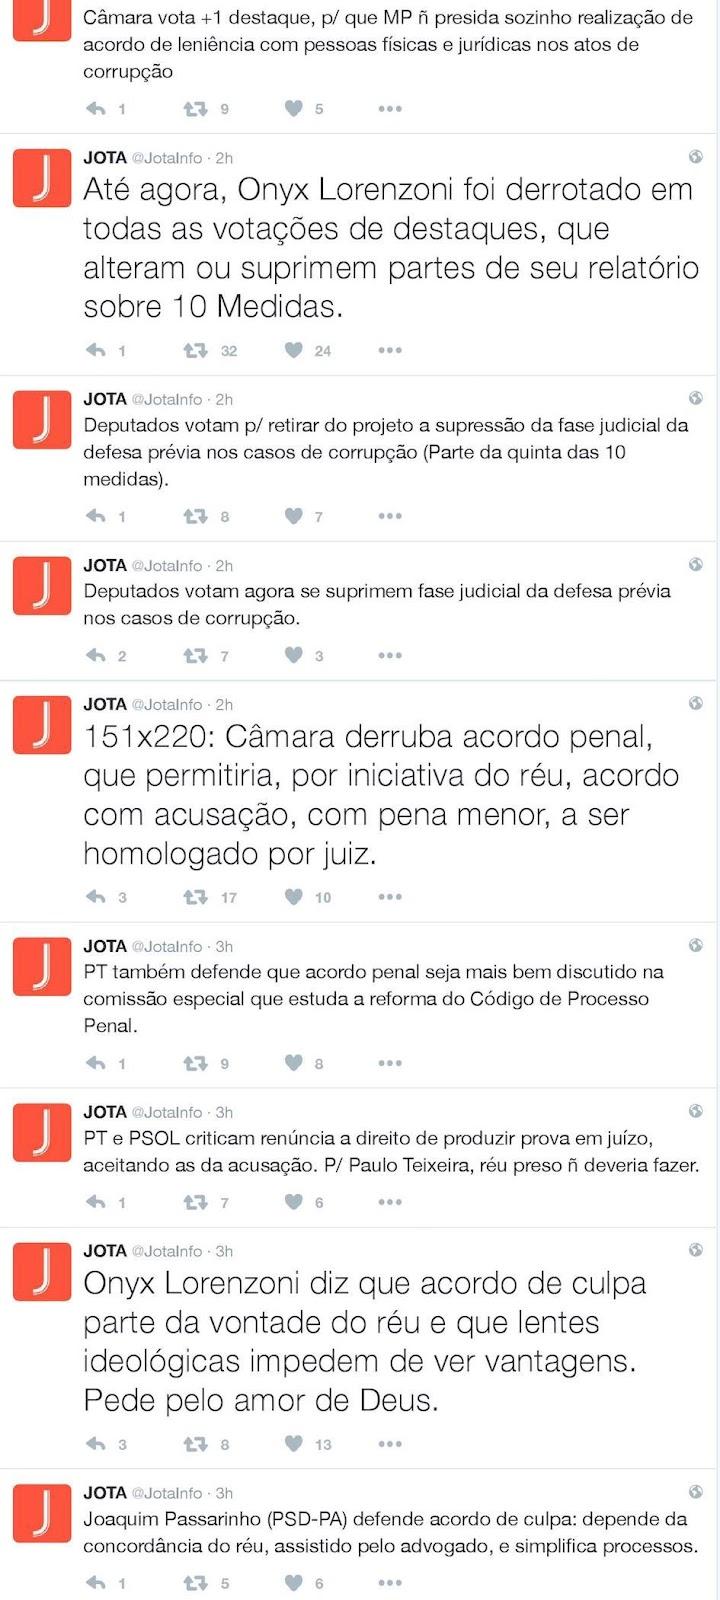 /Users/romulosoaresbrillo/Desktop/JOTA (@JotaInfo) | Twitter/JOTA (@JotaInfo) | Twitter_000003.jpg